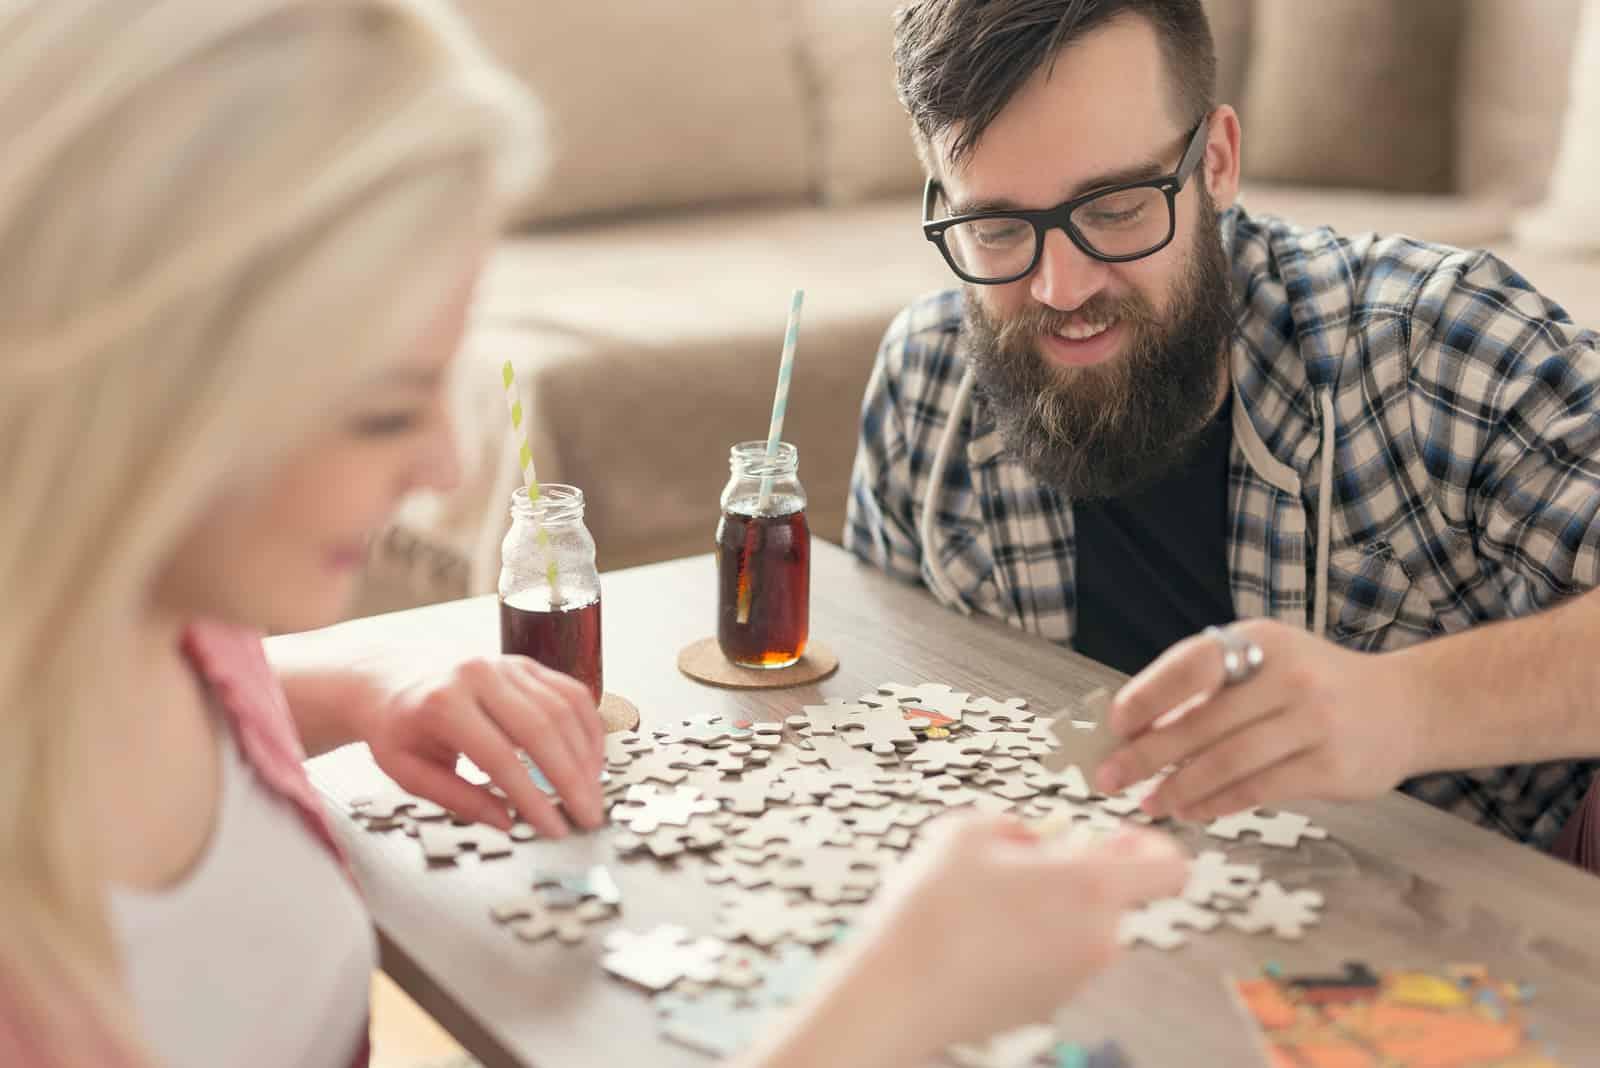 l'homme et la femme à table ont rassemblé les énigmes